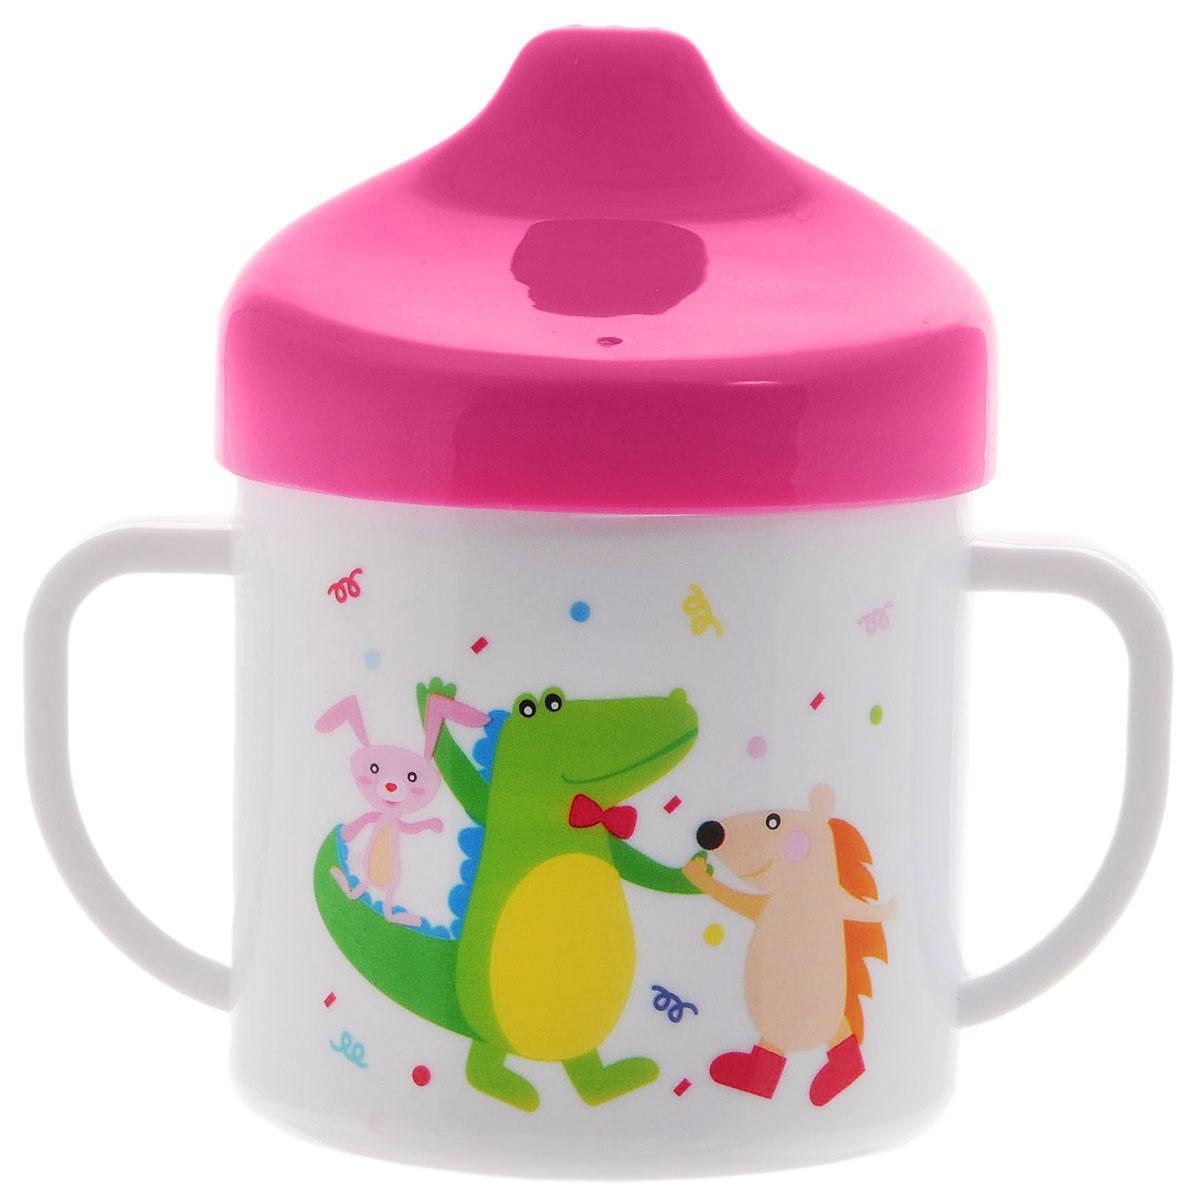 Canpol Babies Чашка-поильник цвет малиновый 200 мл